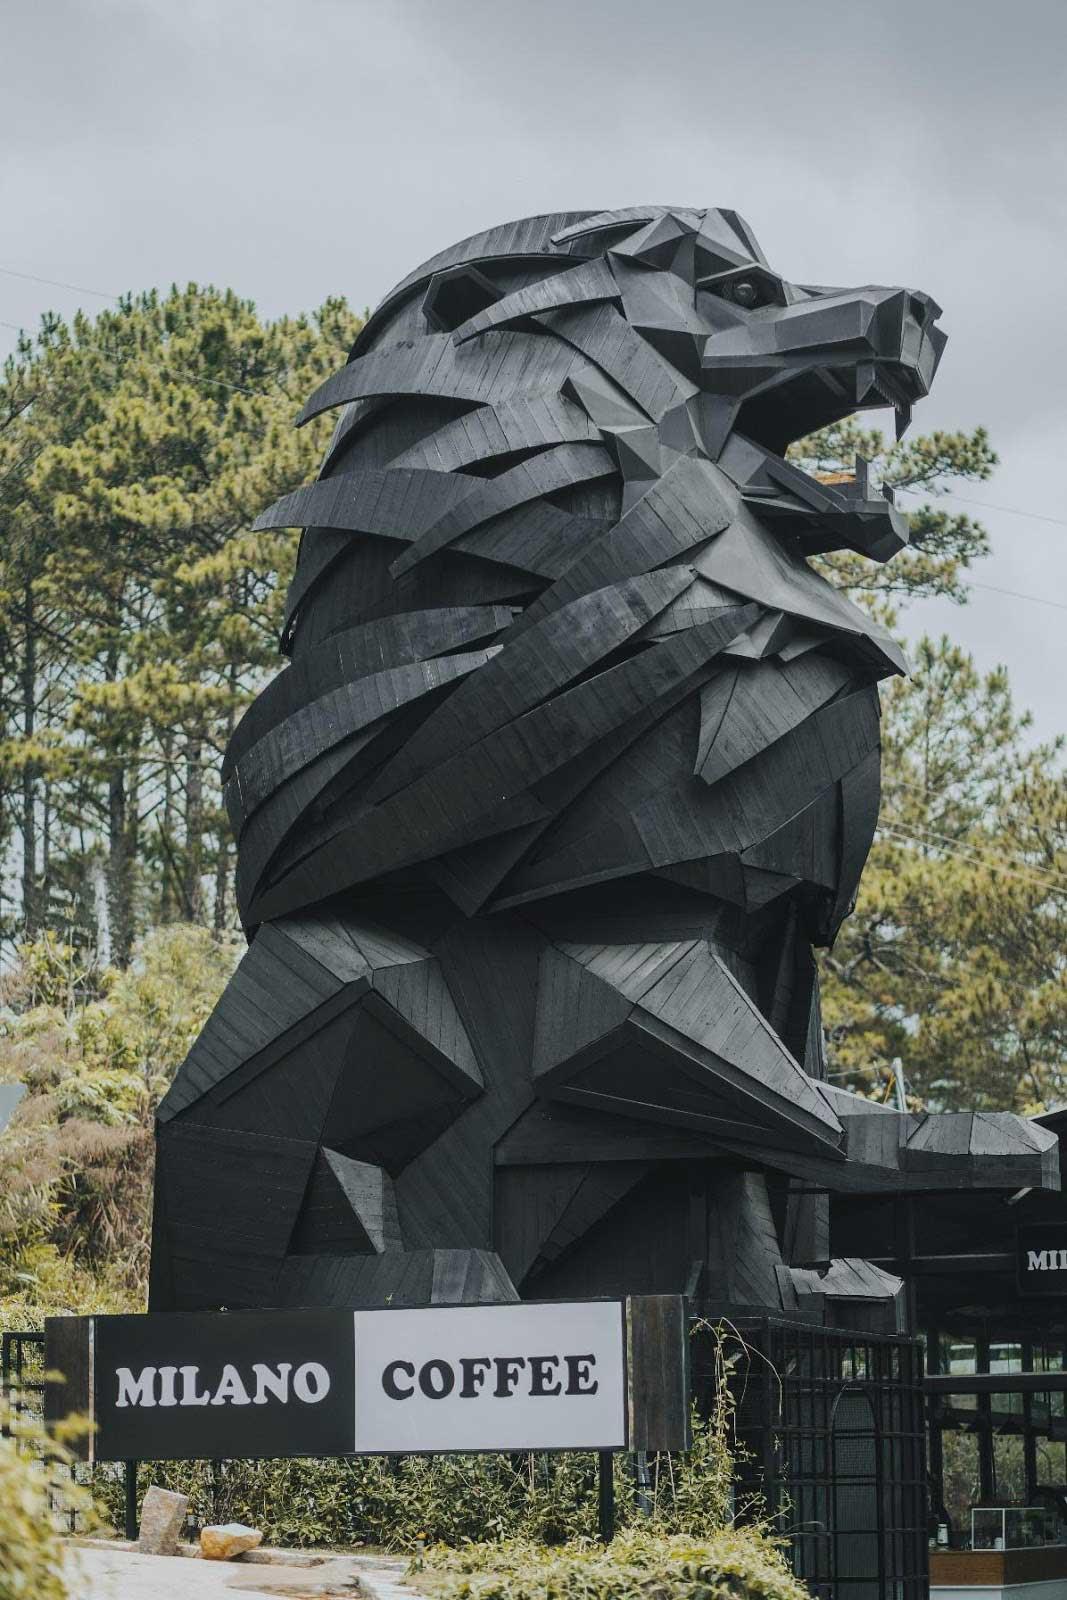 """Sự kết hợp thú vị giữa cảnh sắc núi rừng cùng sự xuất hiện của """"anh bạn"""" sư tử"""